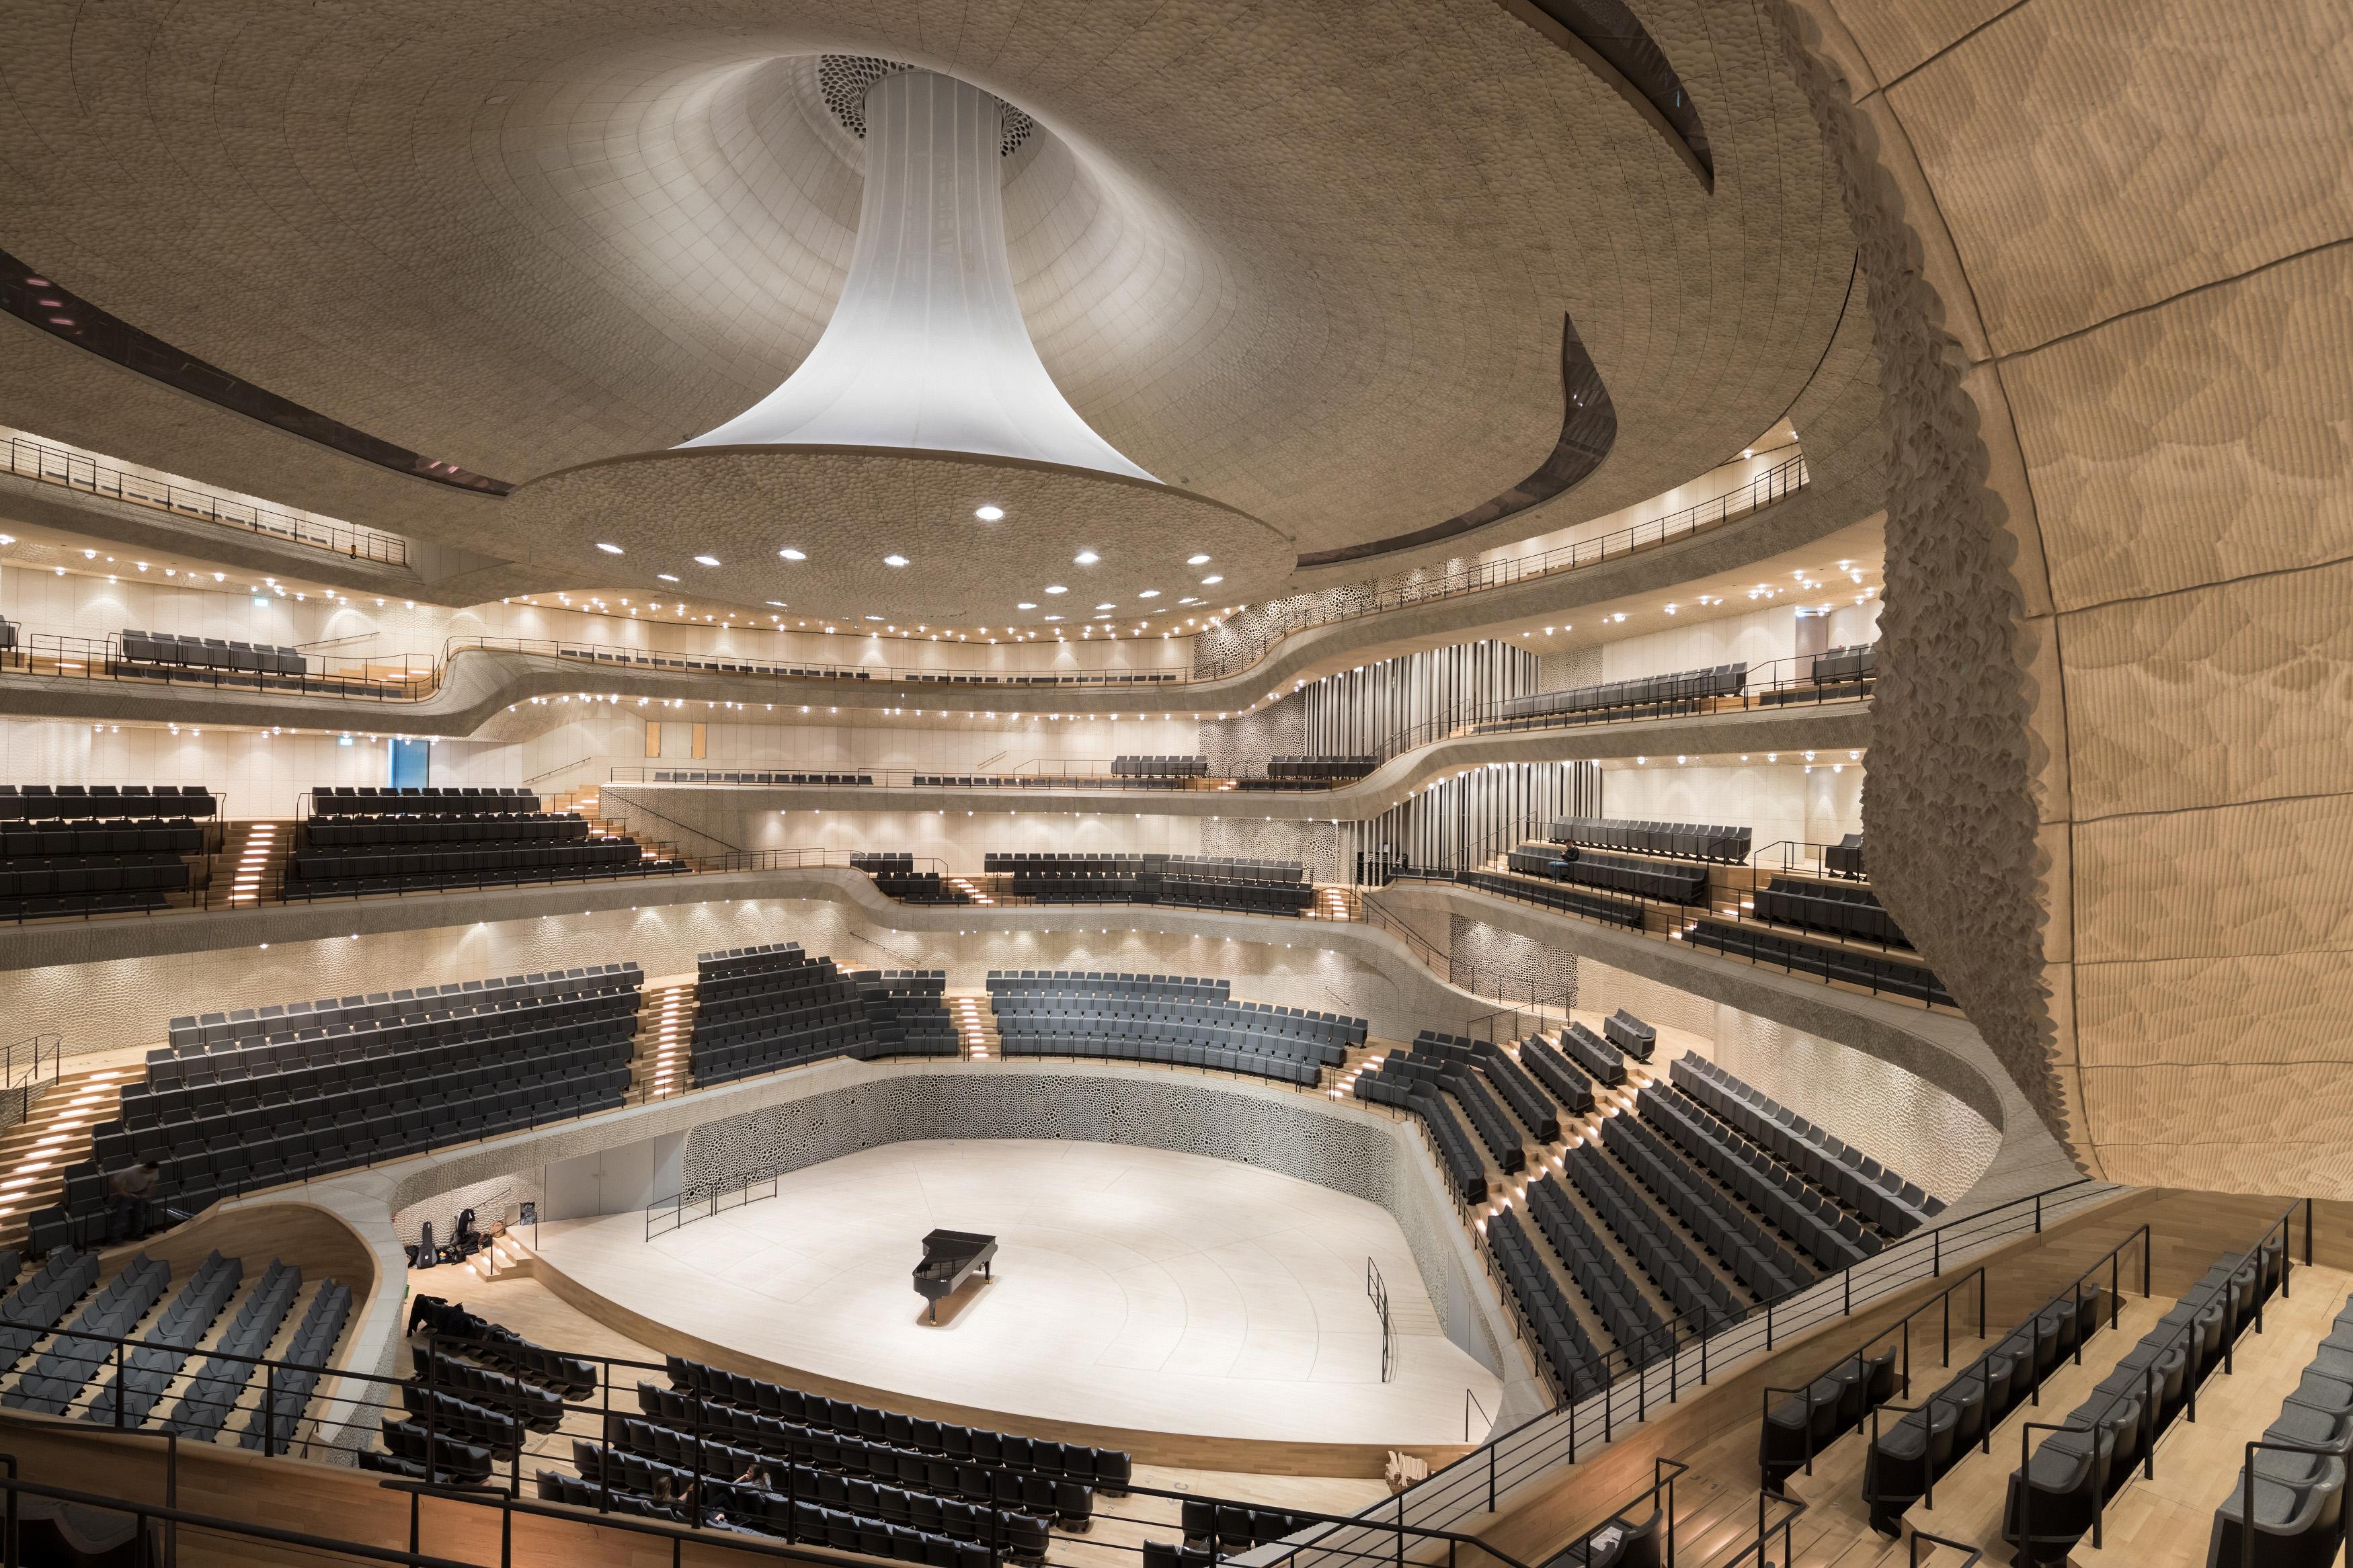 Bild: Großer Saal der Elbphilharmonie